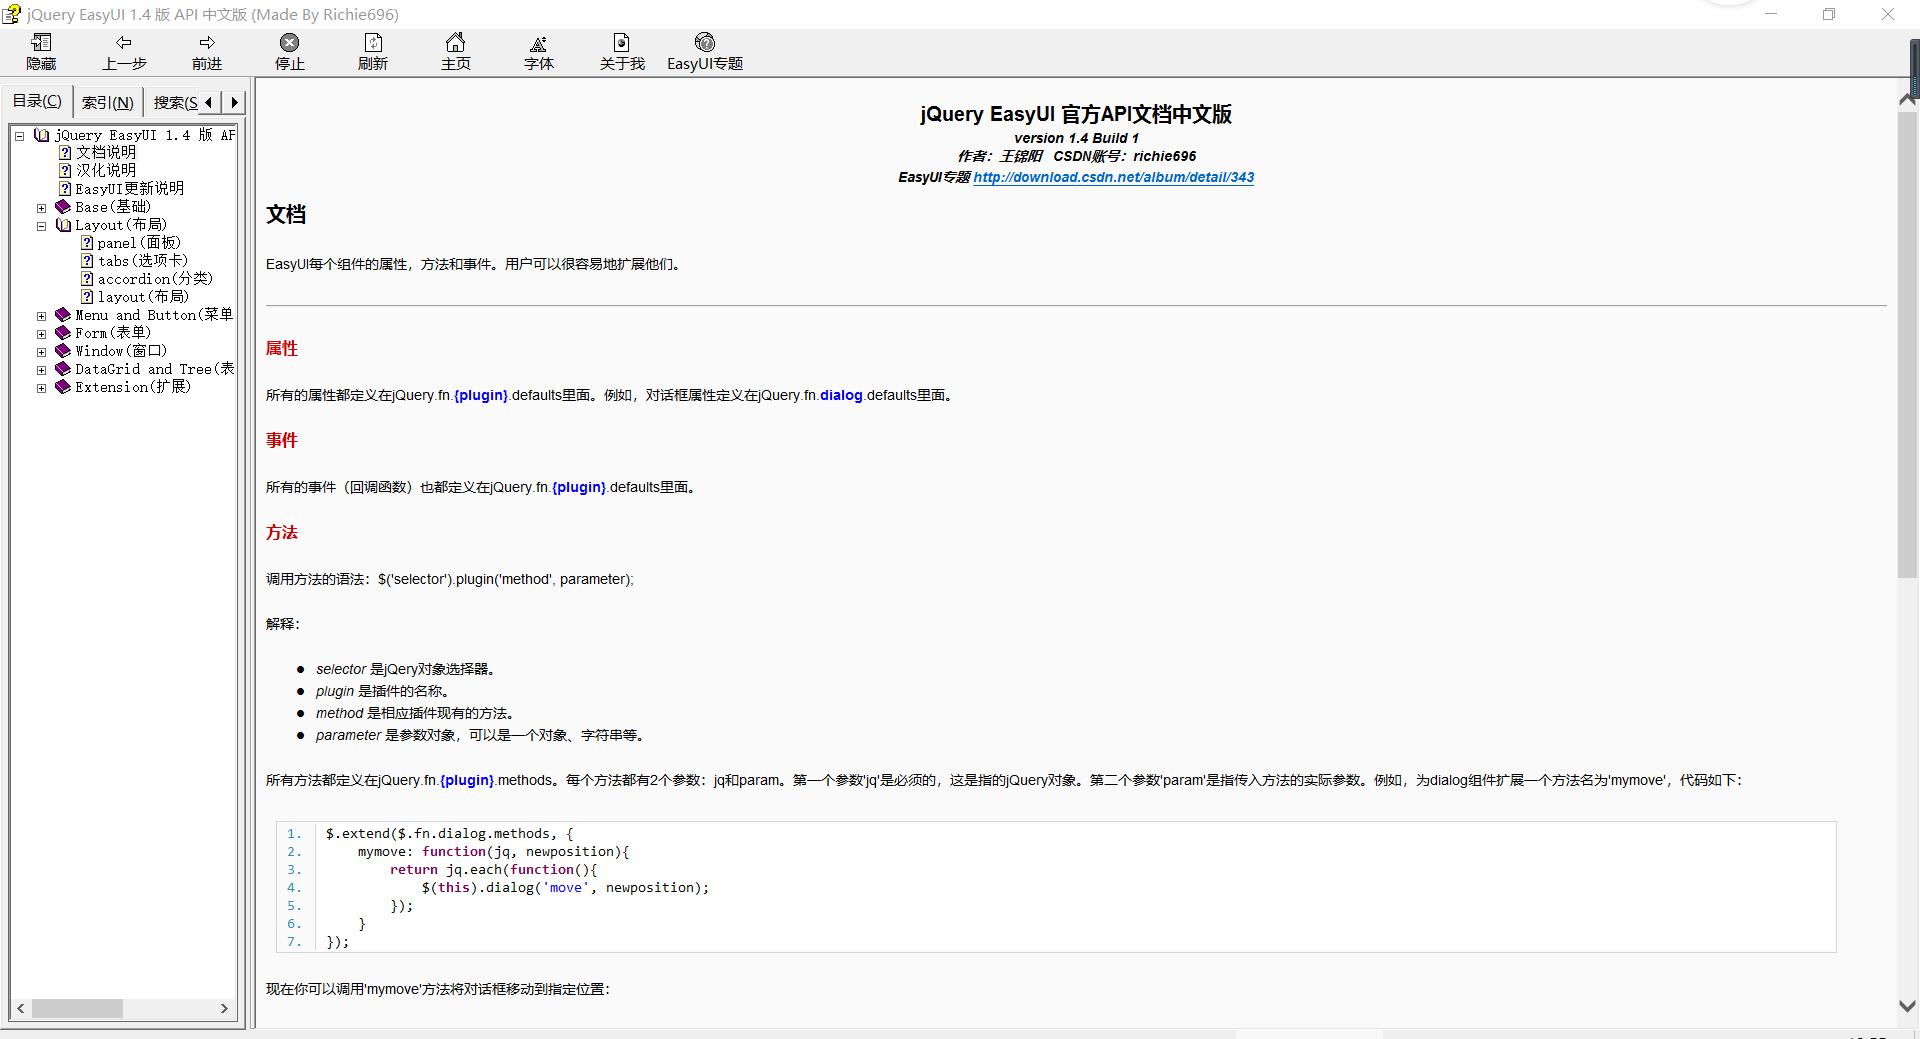 jQuery EasyUI 官方API